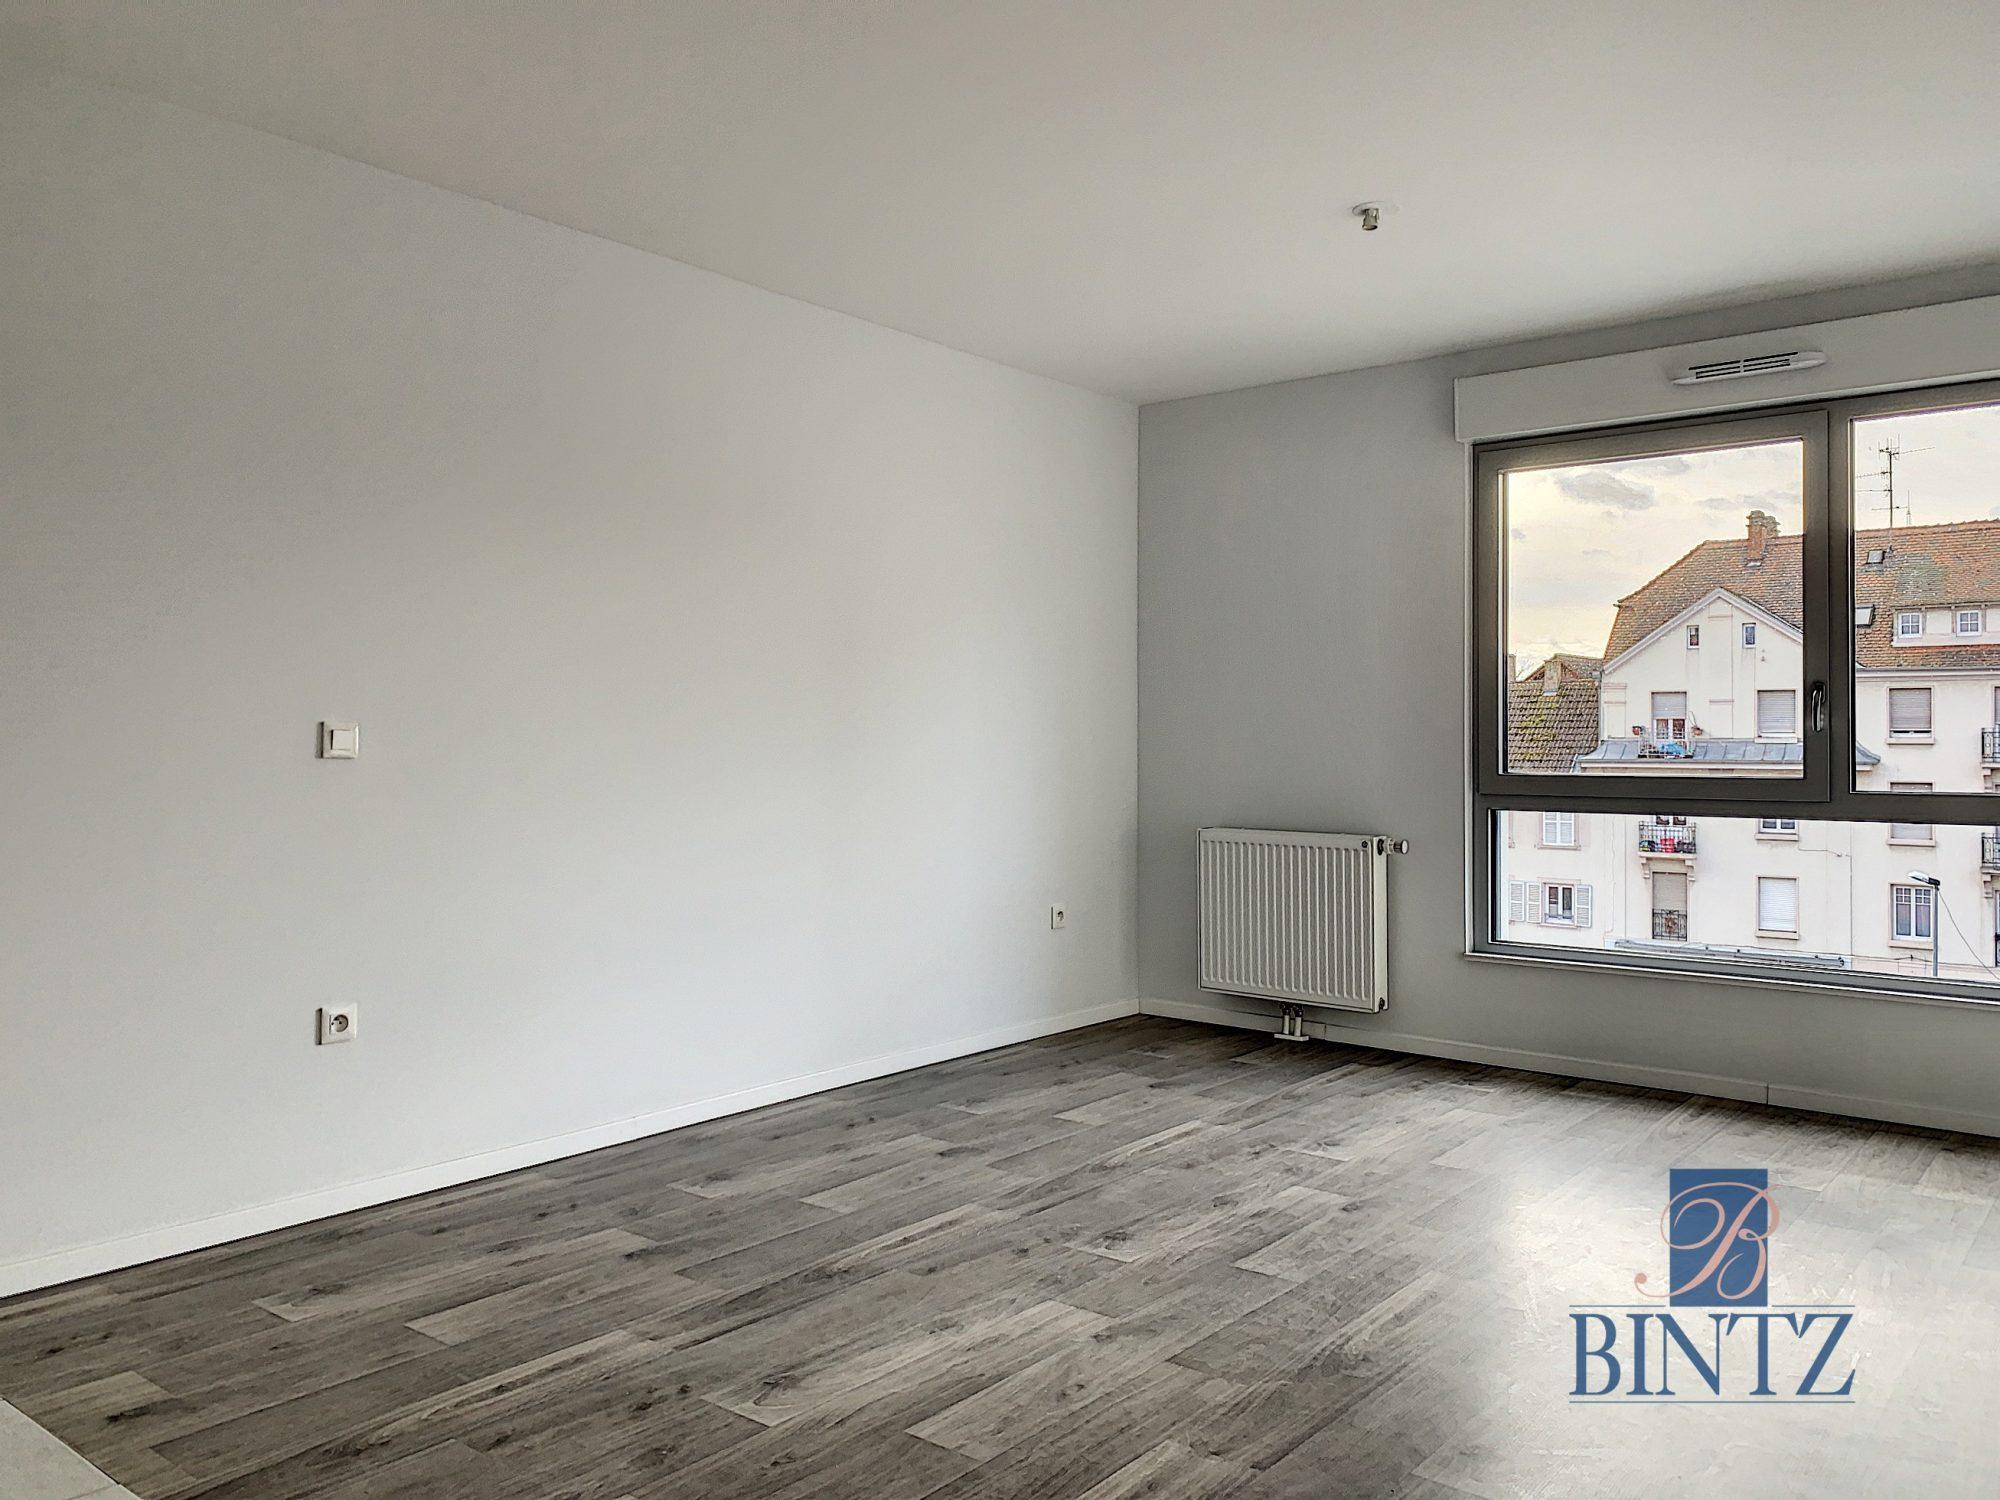 3 Pièces NEUF Quartier des brasseurs - Devenez locataire en toute sérénité - Bintz Immobilier - 3